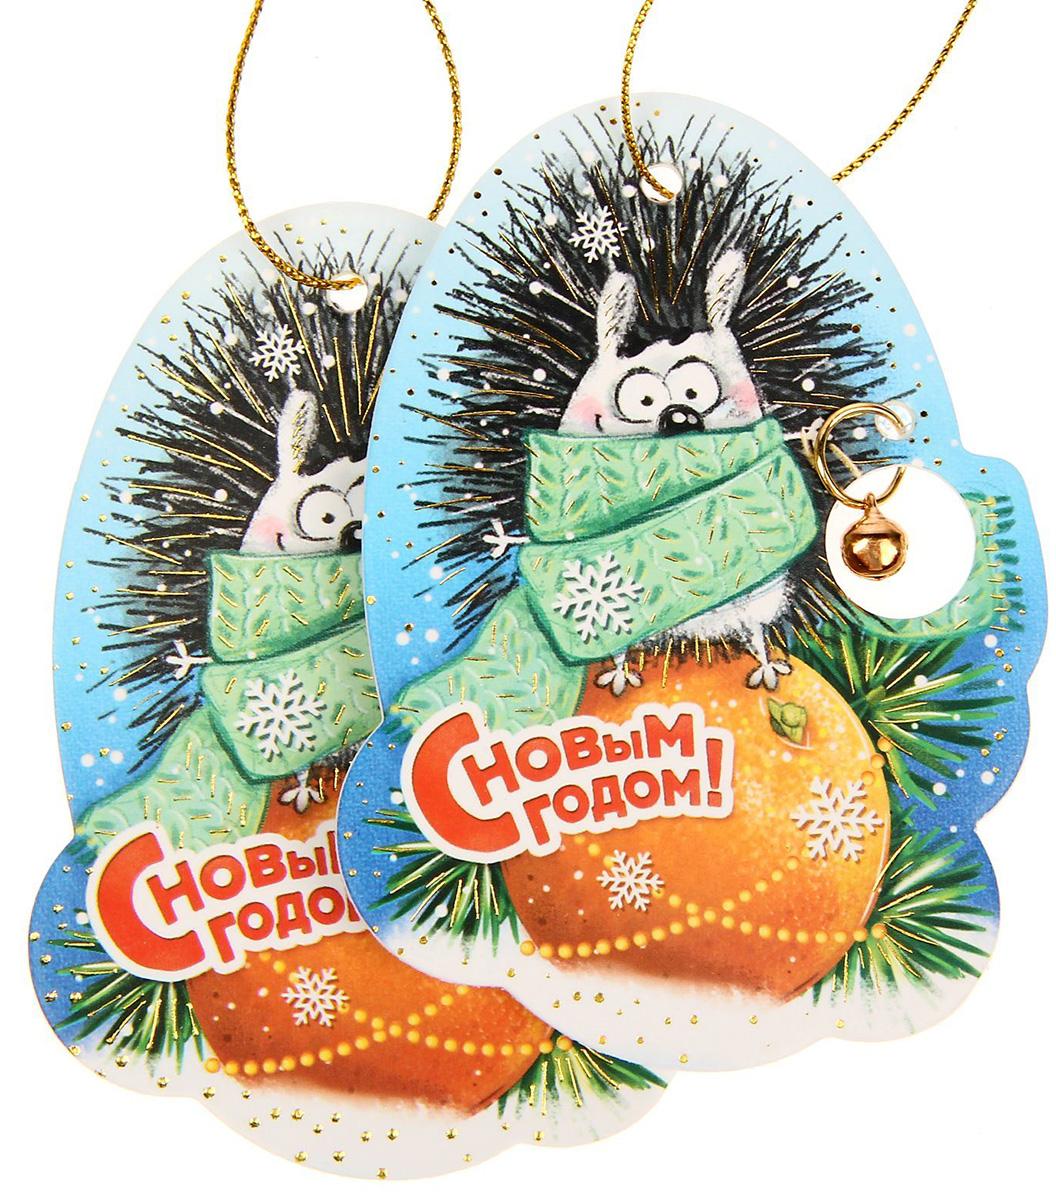 Новогоднее подвесное украшение Sima-land С Новым годом, 6,8 х 9,3 см, 2 шт1305175Новогоднее украшение Sima-land отлично подойдет для декорации вашего дома и новогодней ели.Елочная игрушка - символ Нового года. Она несет в себе волшебство и красоту праздника. Такое украшение создаст в вашем доме атмосферу праздника, веселья и радости.